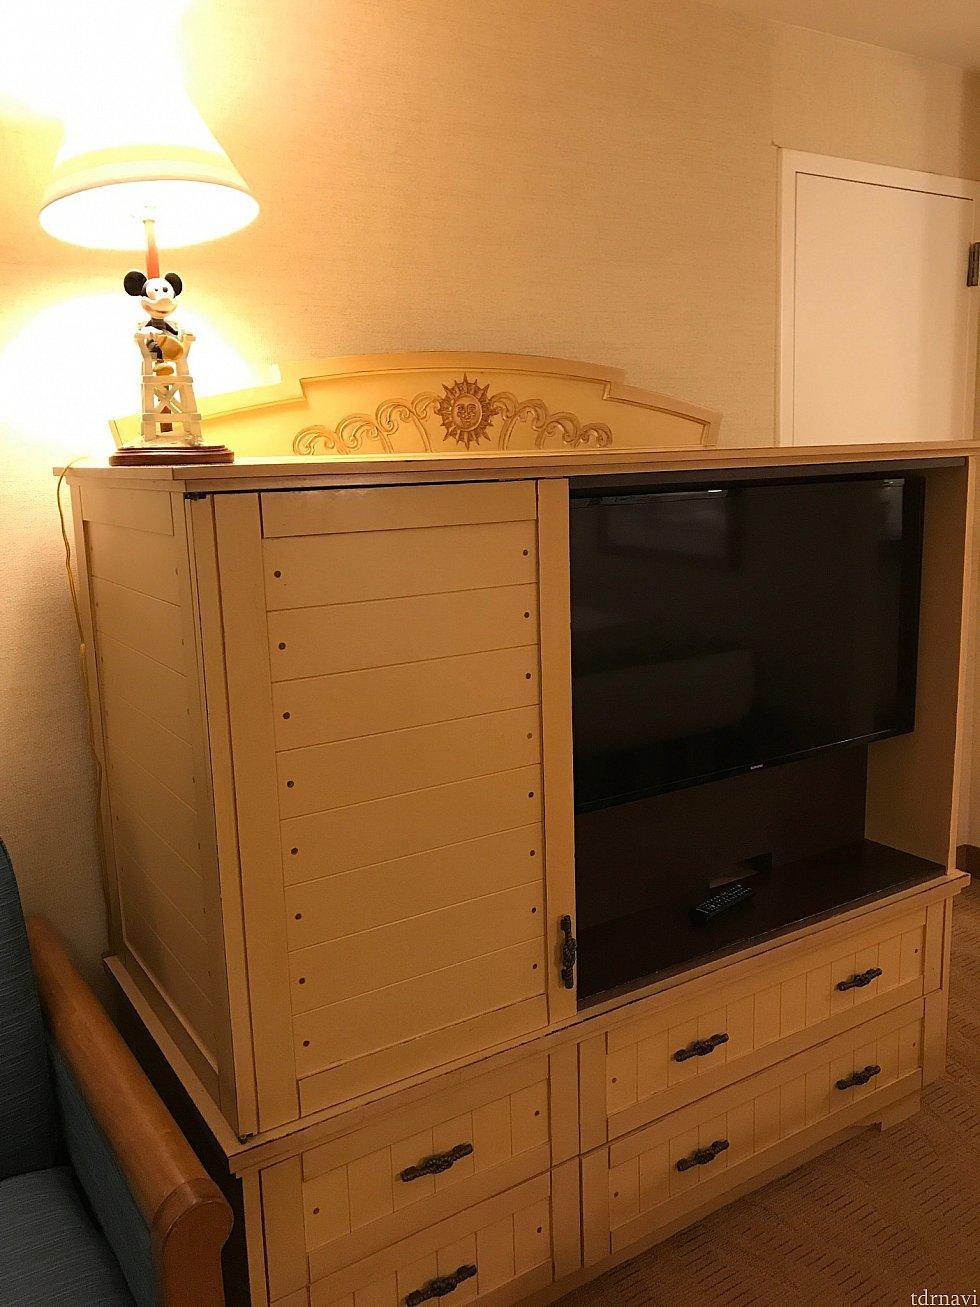 テレビと収納棚です。白い木の素材が雰囲気と合ってます♪